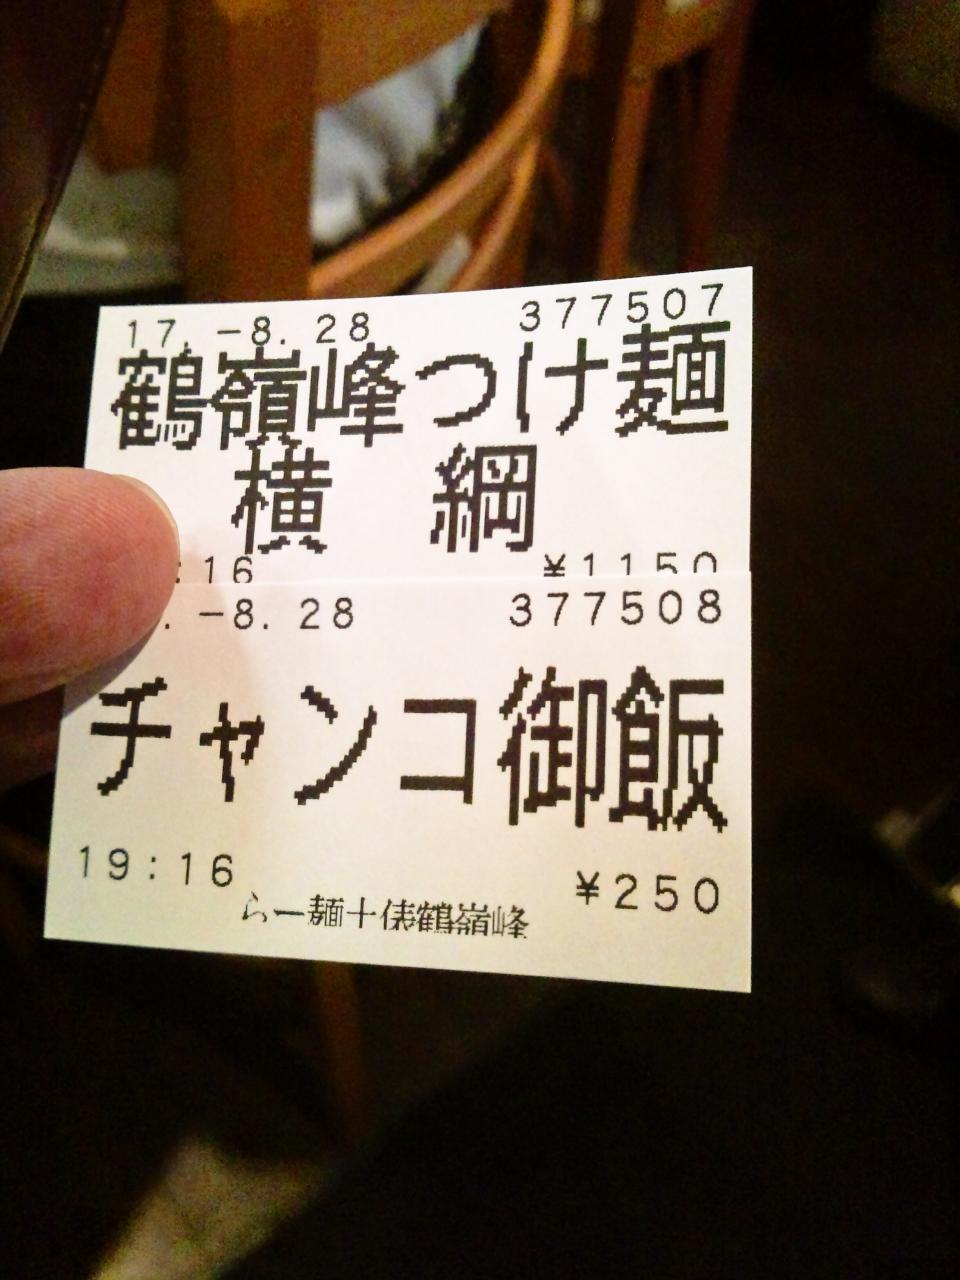 らー麺土俵 鶴嶺峰(食券)